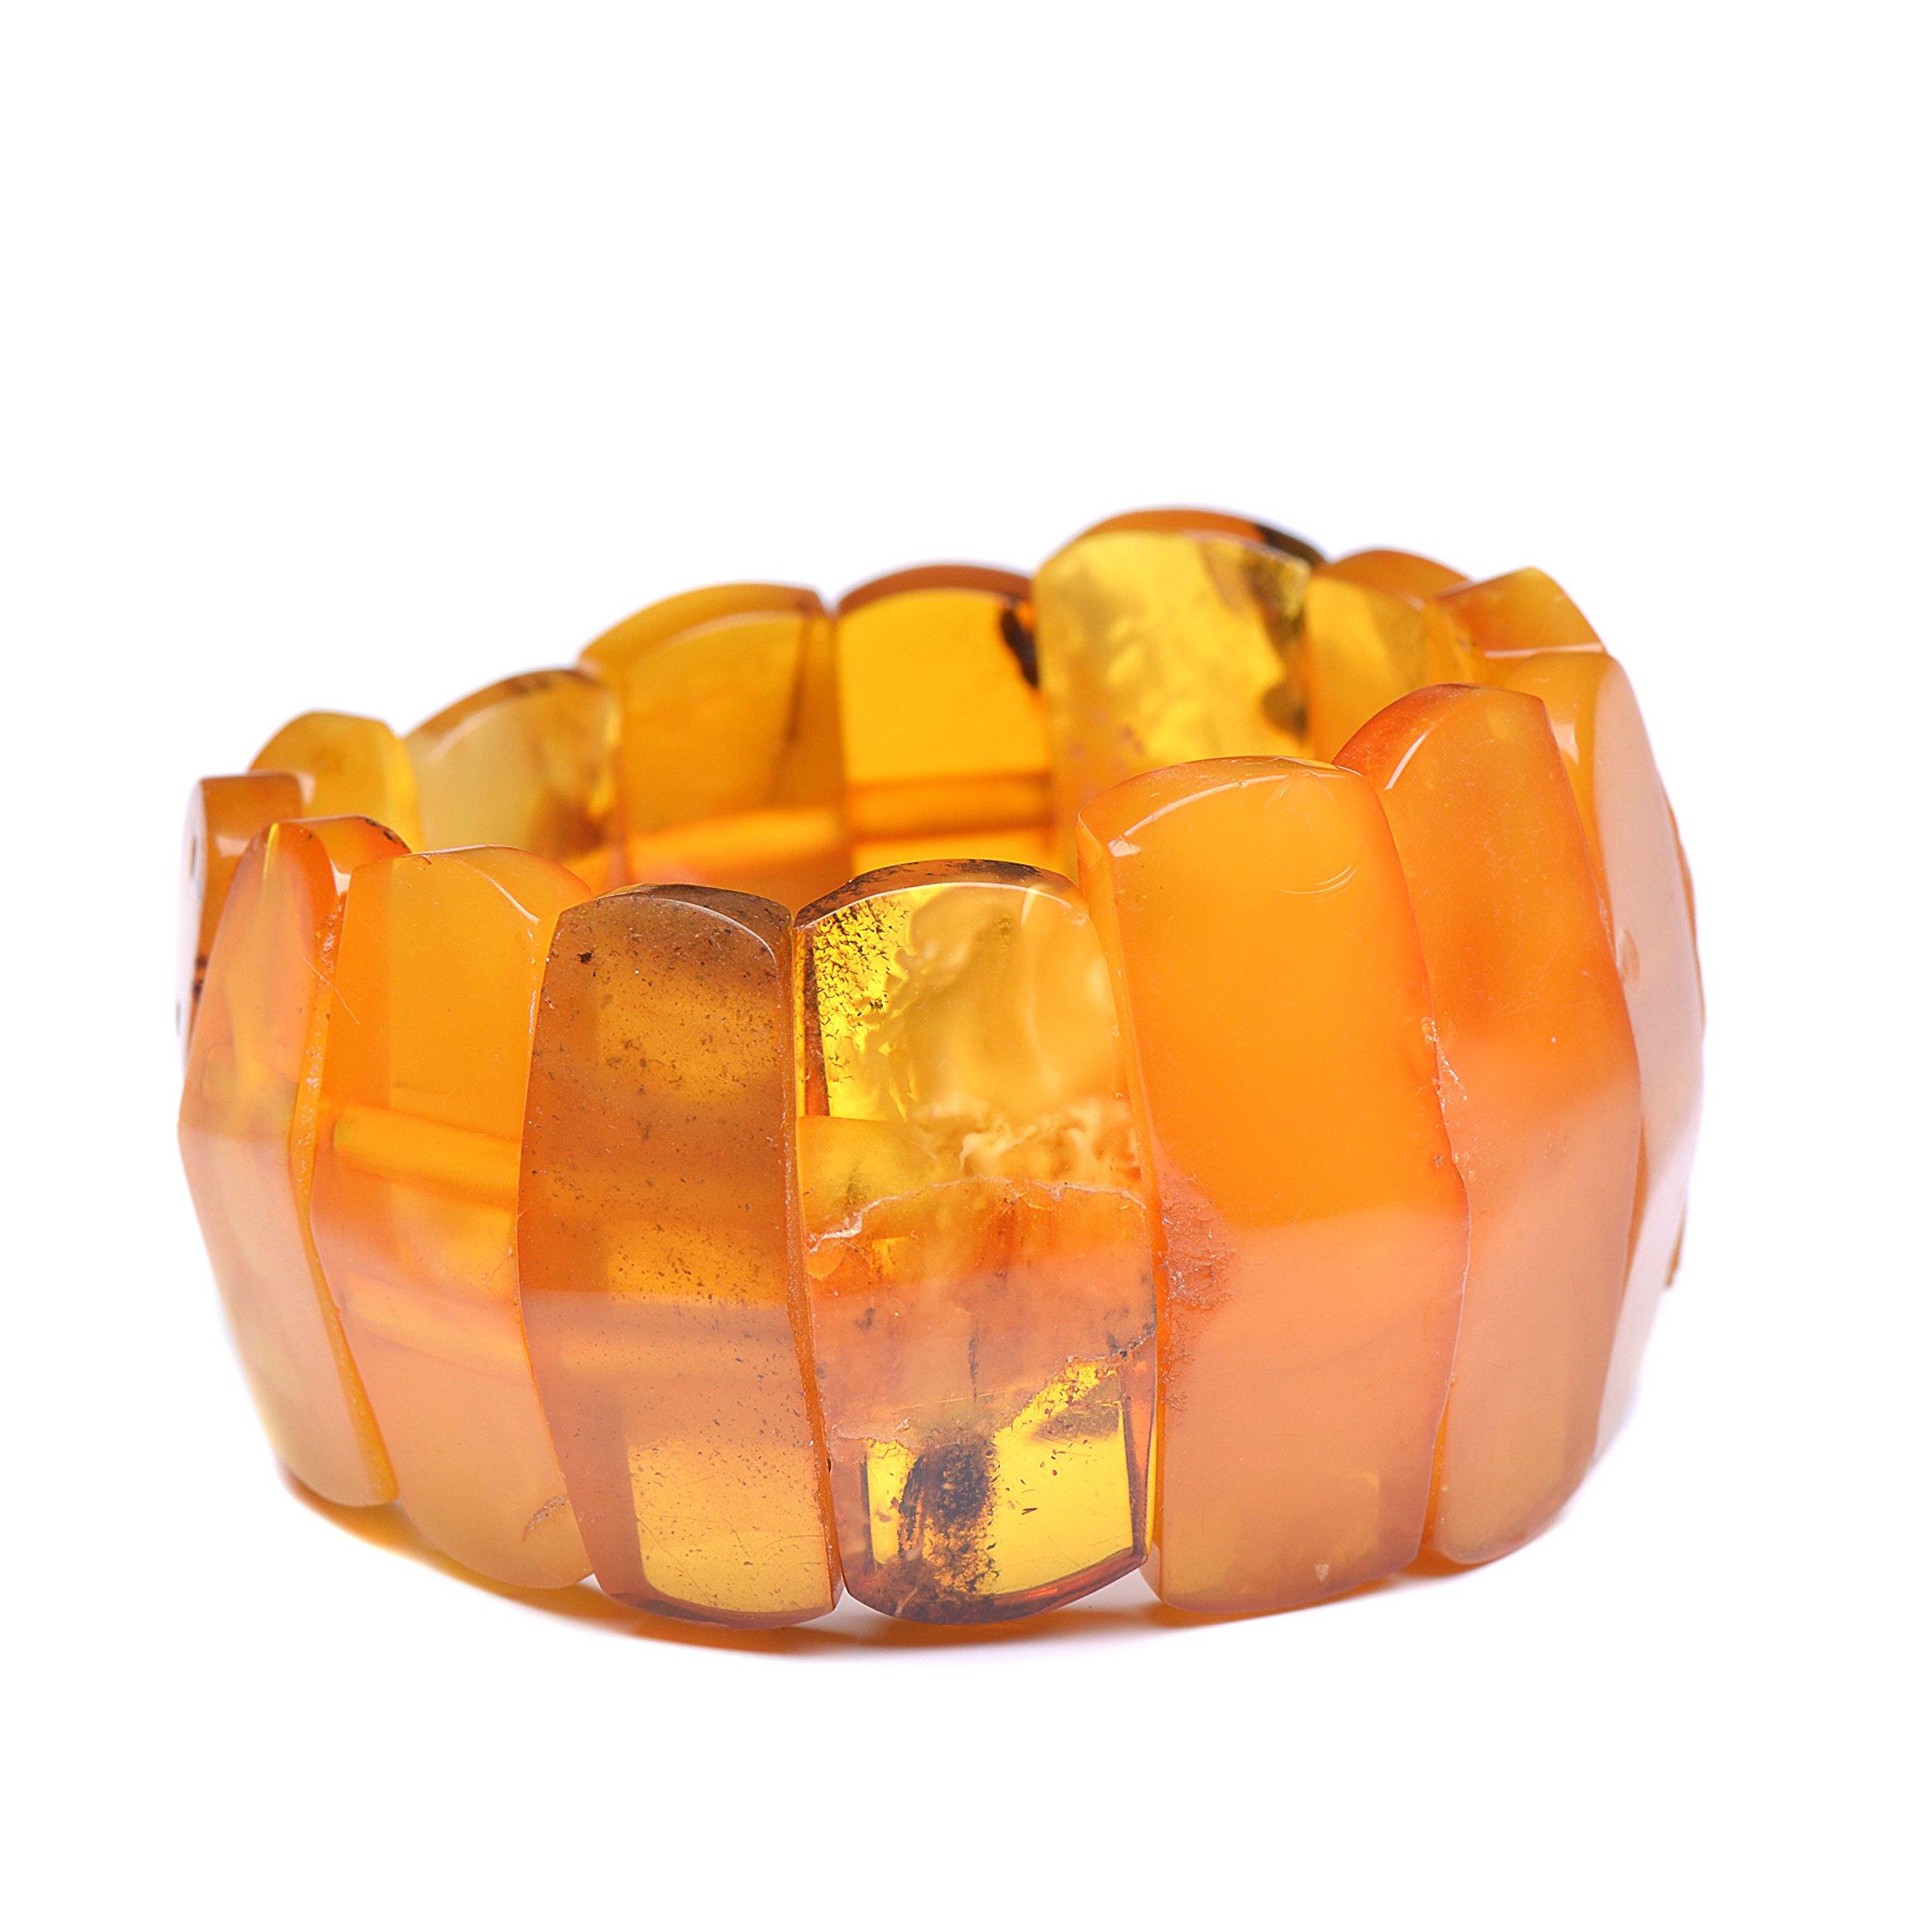 Vintage Amber Bracelet - Unique Amber Bracelet - Certified Handmade Amber Bracelet - Genuine Amber Bracelet (7.5 inches, Green) (6.7 inches, Honey) by Genuine Amber